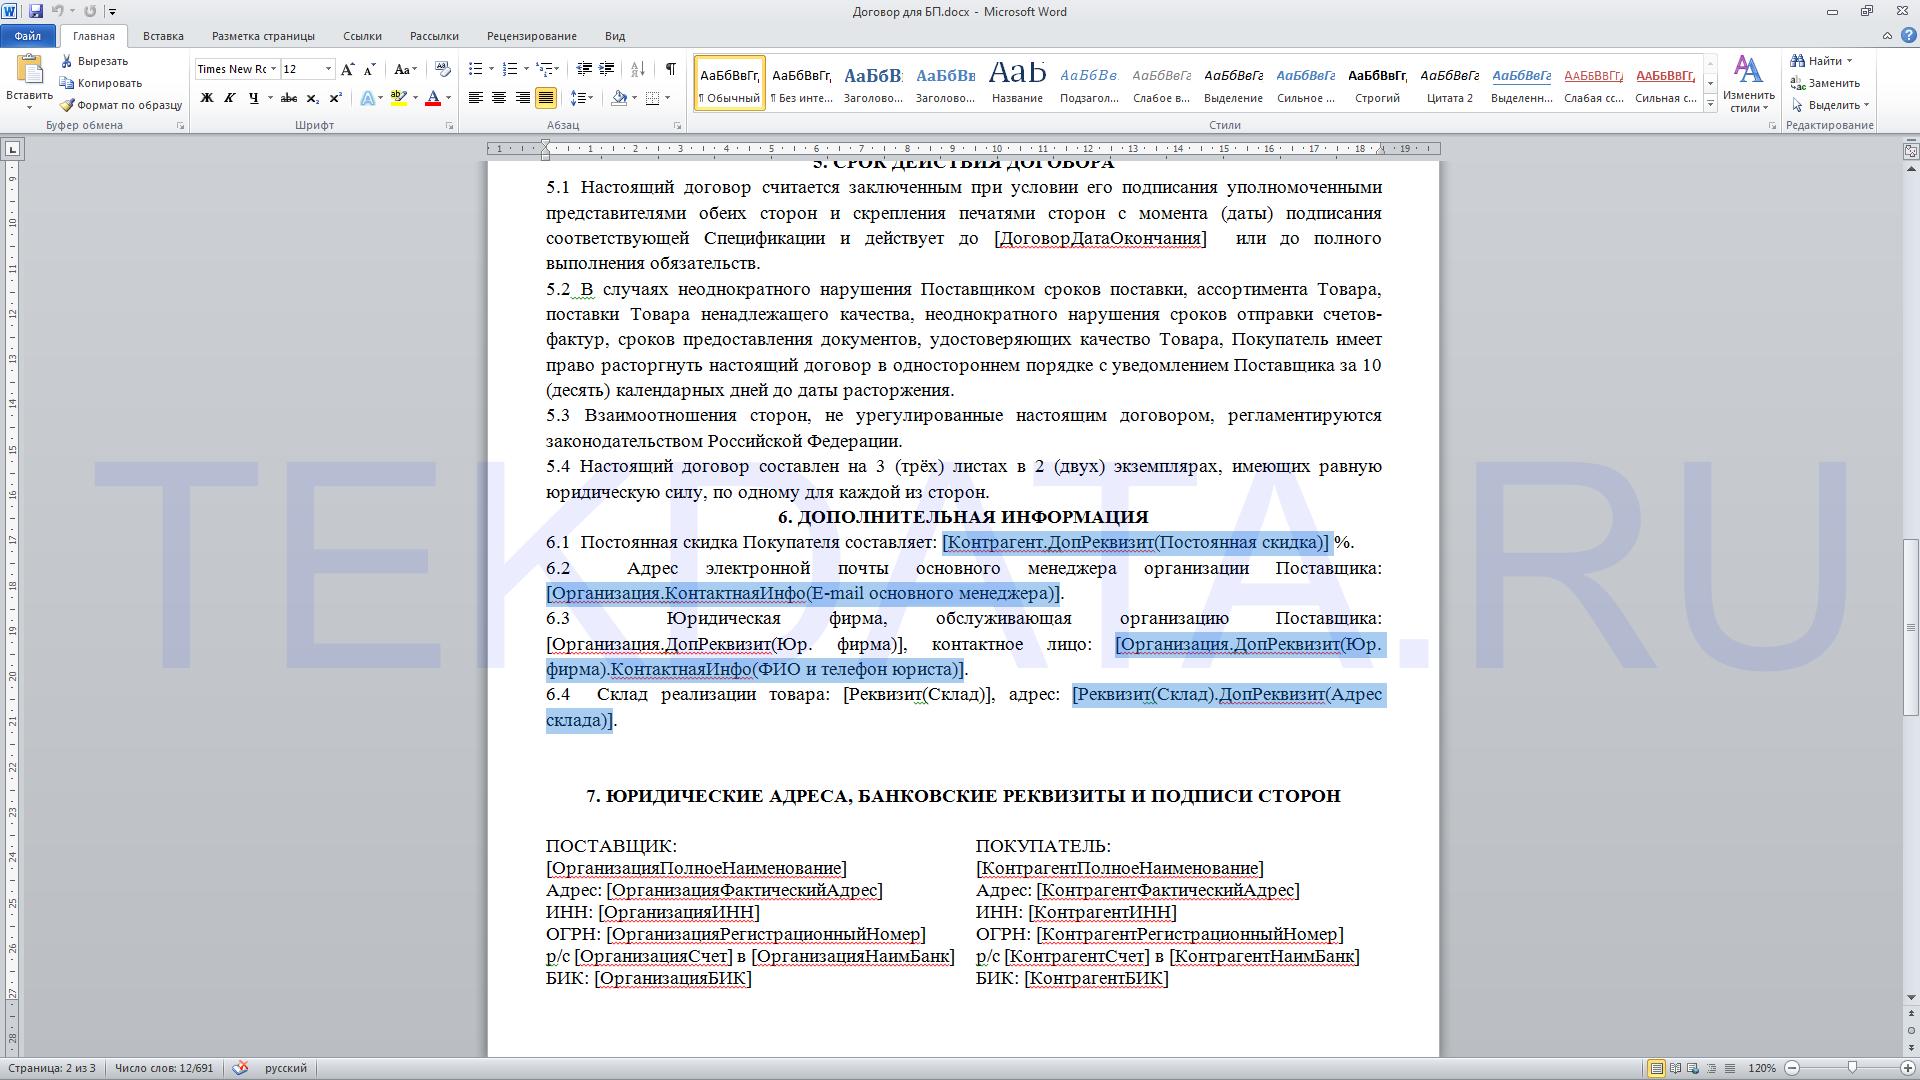 Универсальная печатная форма договора в формате Word с выводом доп. реквизитов для 1С: Бухгалтерия Предприятия 3.0 (внешняя обработка *.epf) | tekdata.ru